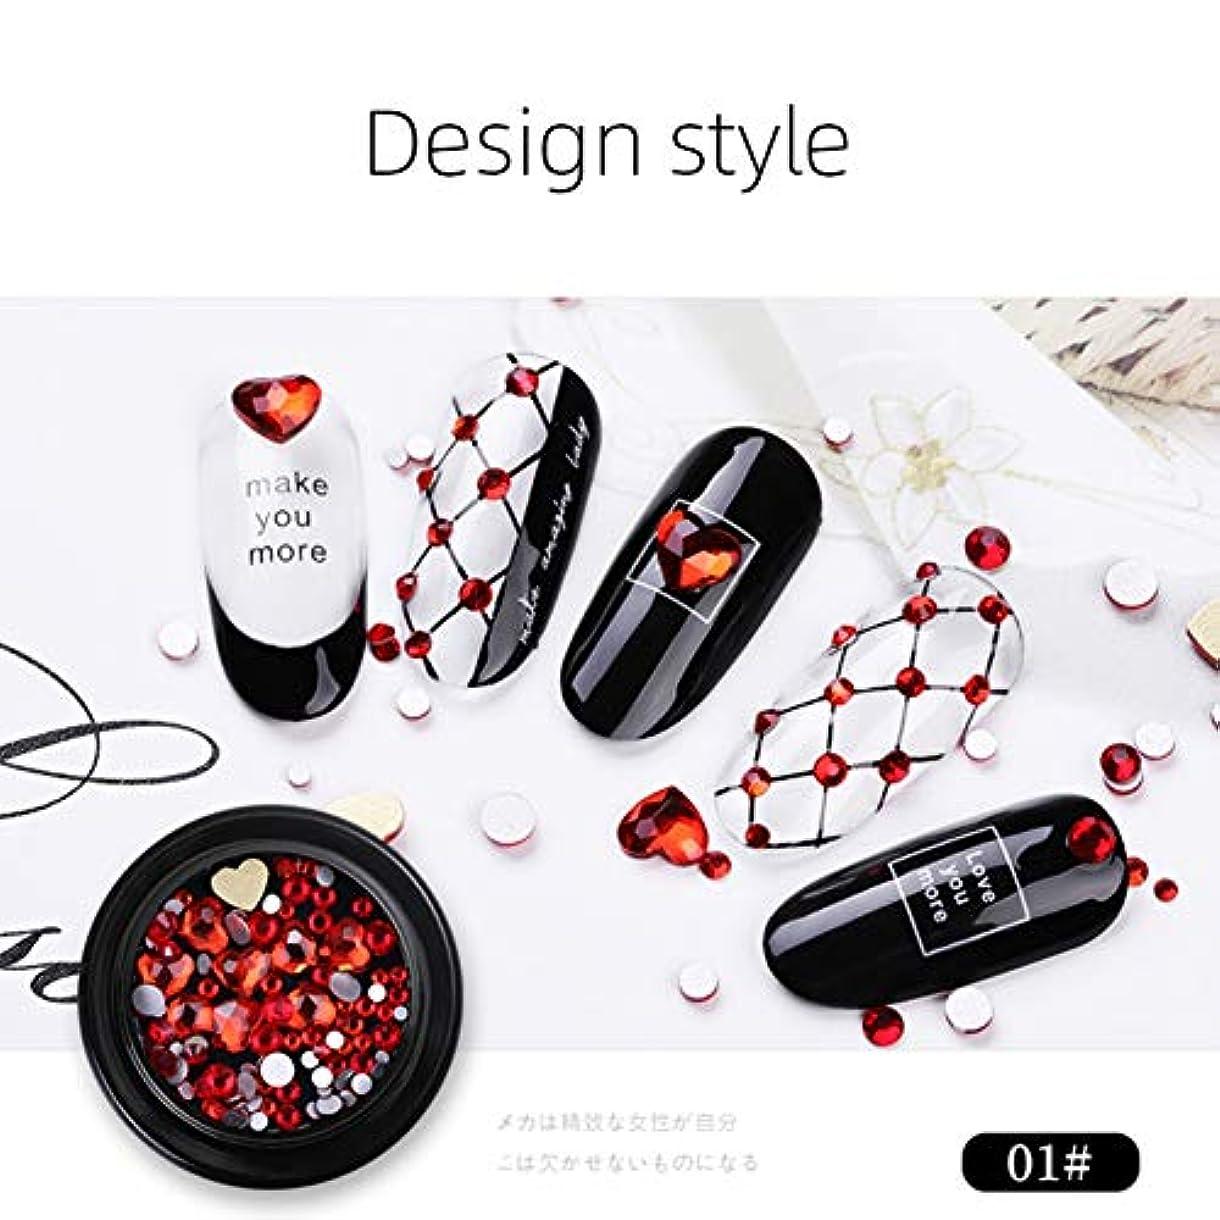 ブリード束信じるKISSION マニキュア ガラスドリルミキシング 光沢のあるスティックドリル ダイヤモンド ジュエリー装飾 ネイルDIY ファッションネイルアクセサリー